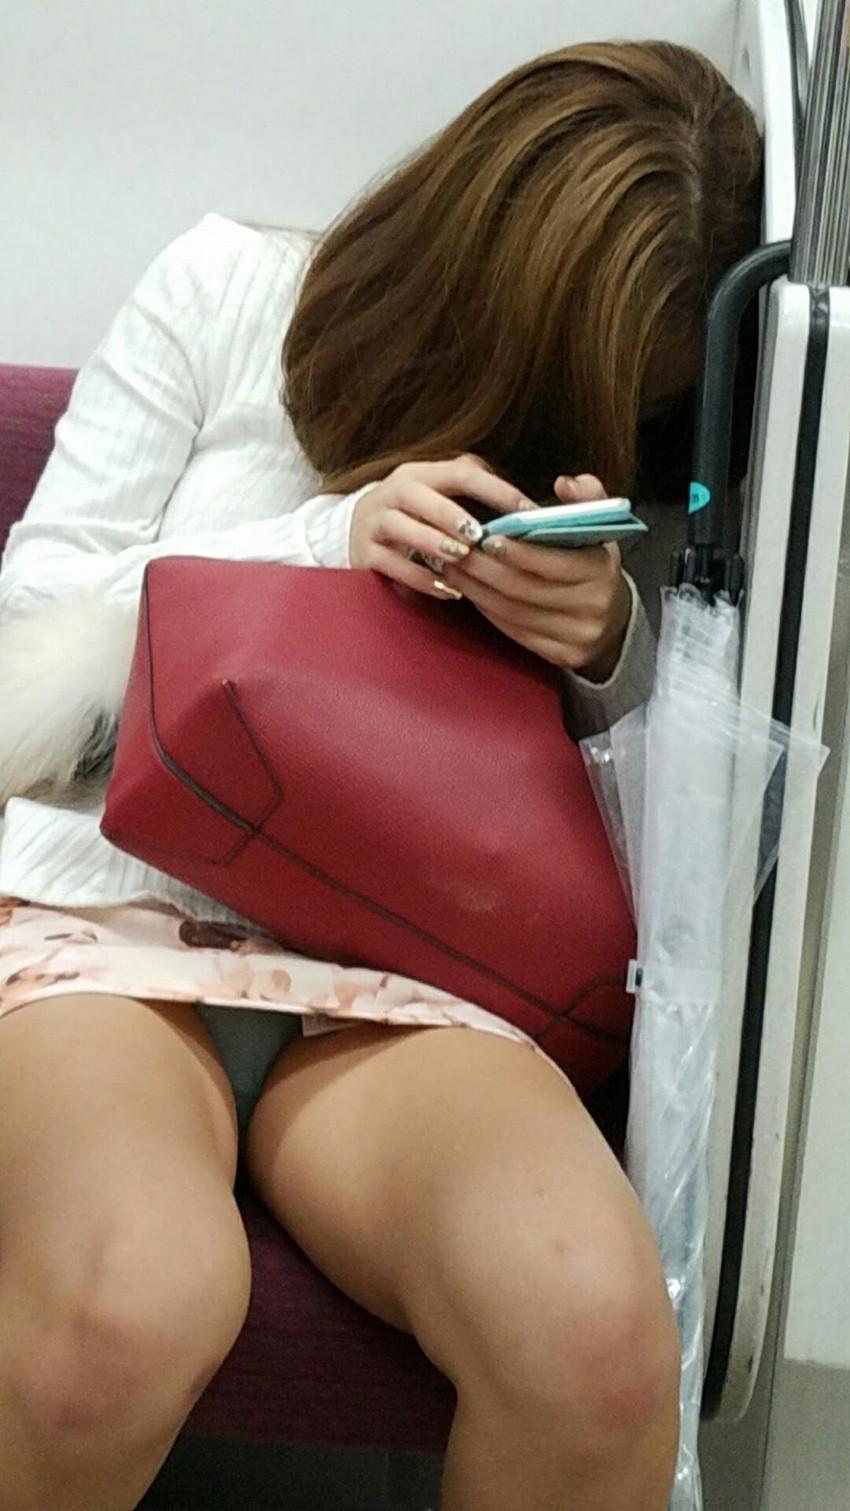 【電車内盗撮エロ画像】電車内でパンチラしている女子見つけたから撮ったったw 07